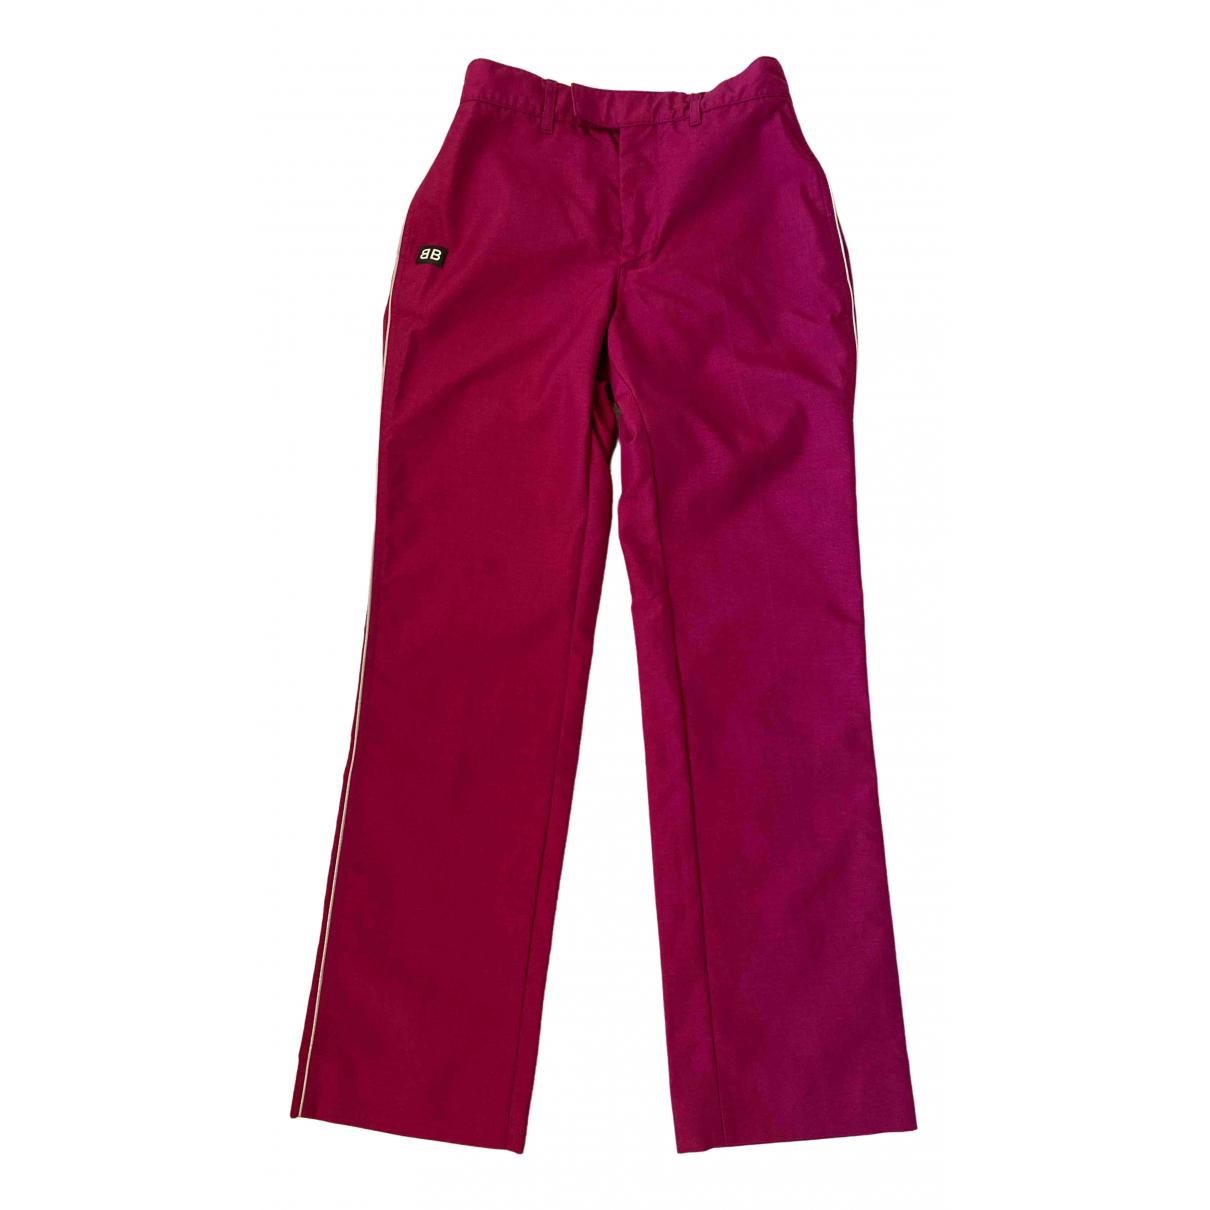 Pantalon recto Balenciaga